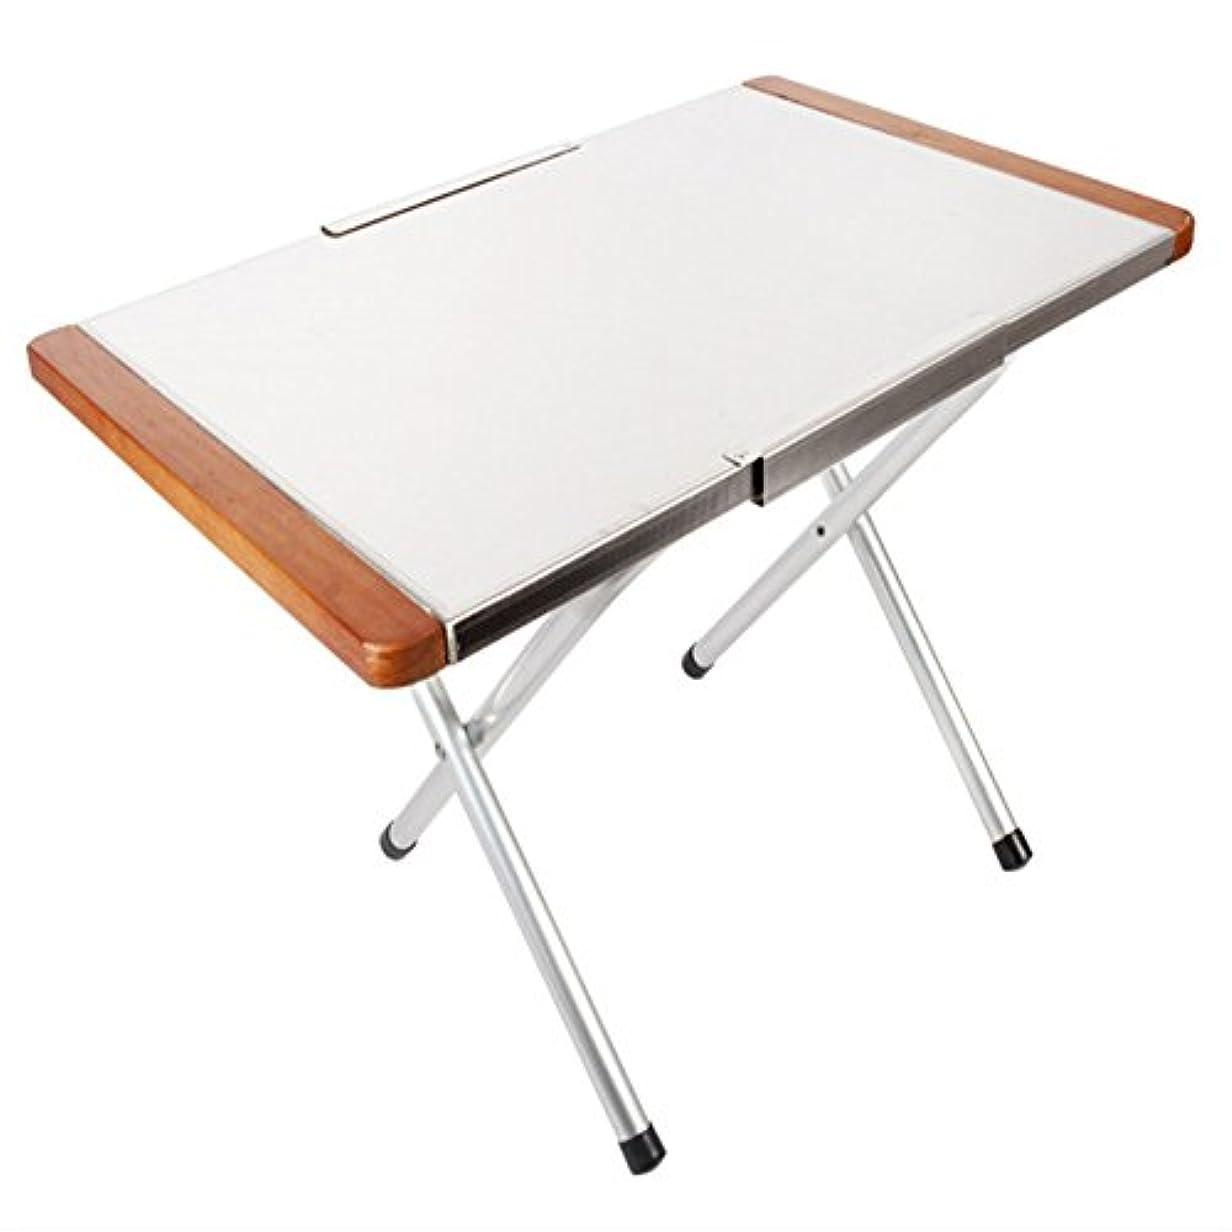 環境保護主義者杖フルーティーキャンプ 折り畳み式テーブル ポータブル スポーツ ステンレススチール付き ピクニック/バーベキューテーブル/勉強に